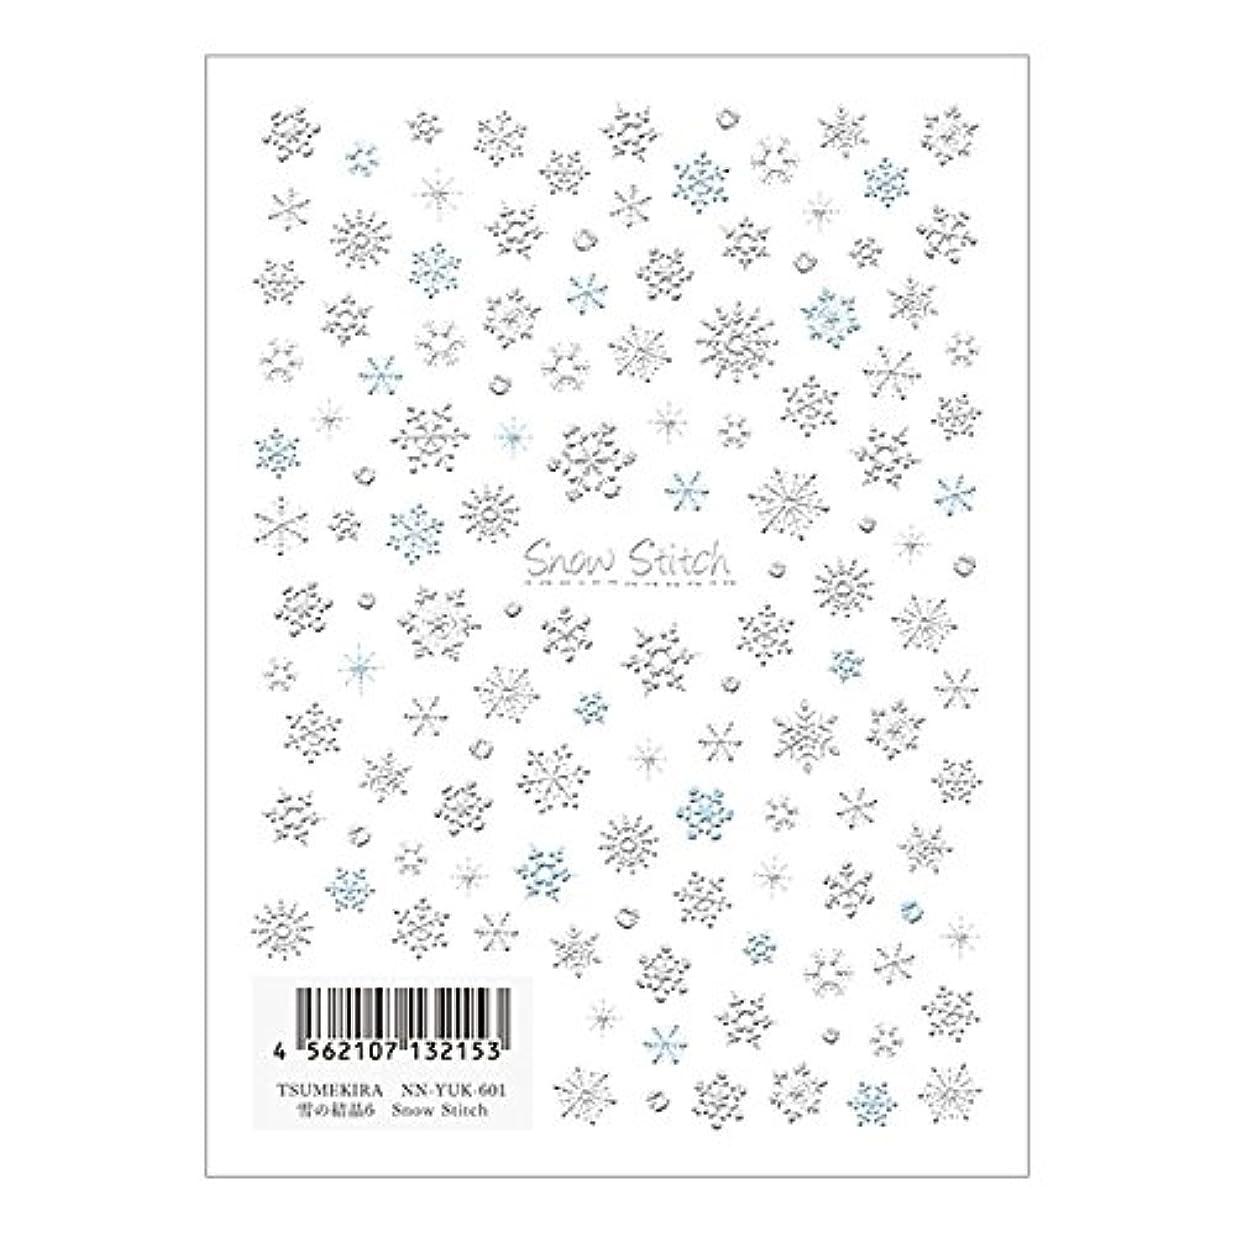 良性五十パーツTSUMEKIRA ネイルシール雪の結晶6 NN-YUK-601